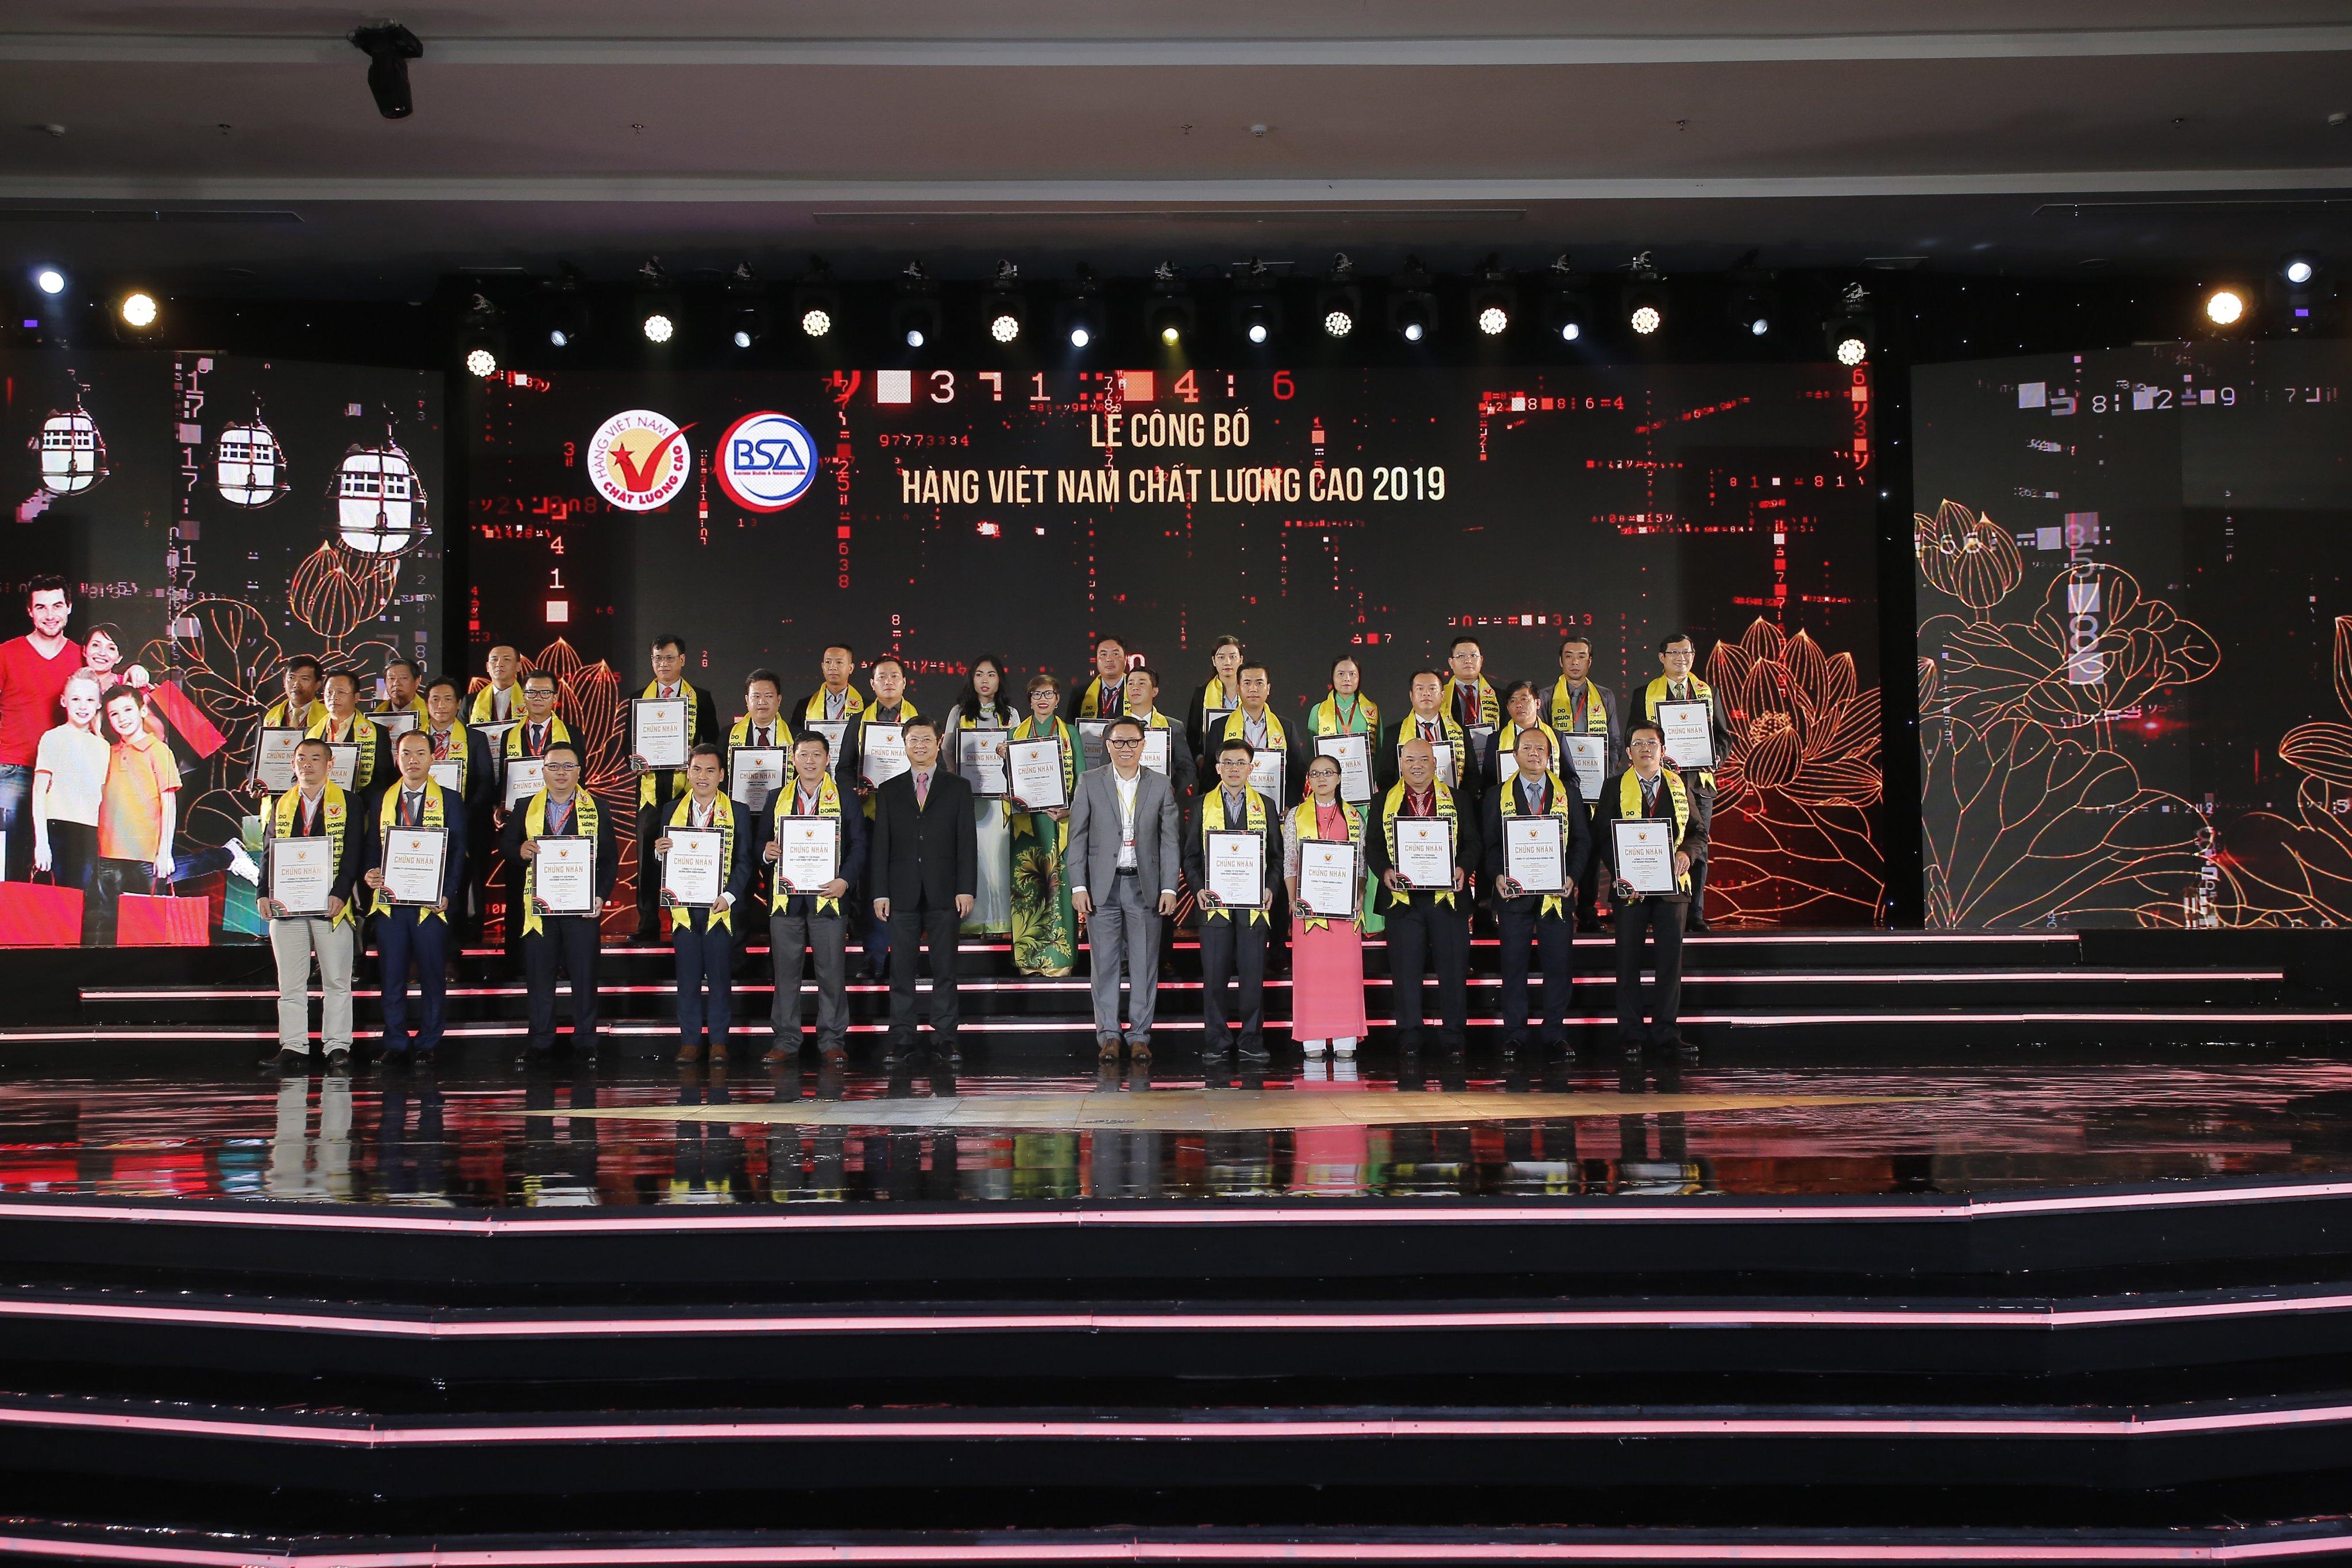 Vừa nhận danh hiệu Hàng VNCLC 2019, công ty Phú Điền chuẩn bị khai trương khu Resort tiêu chuẩn 4 sao đầu tiên tại Quảng Ngãi